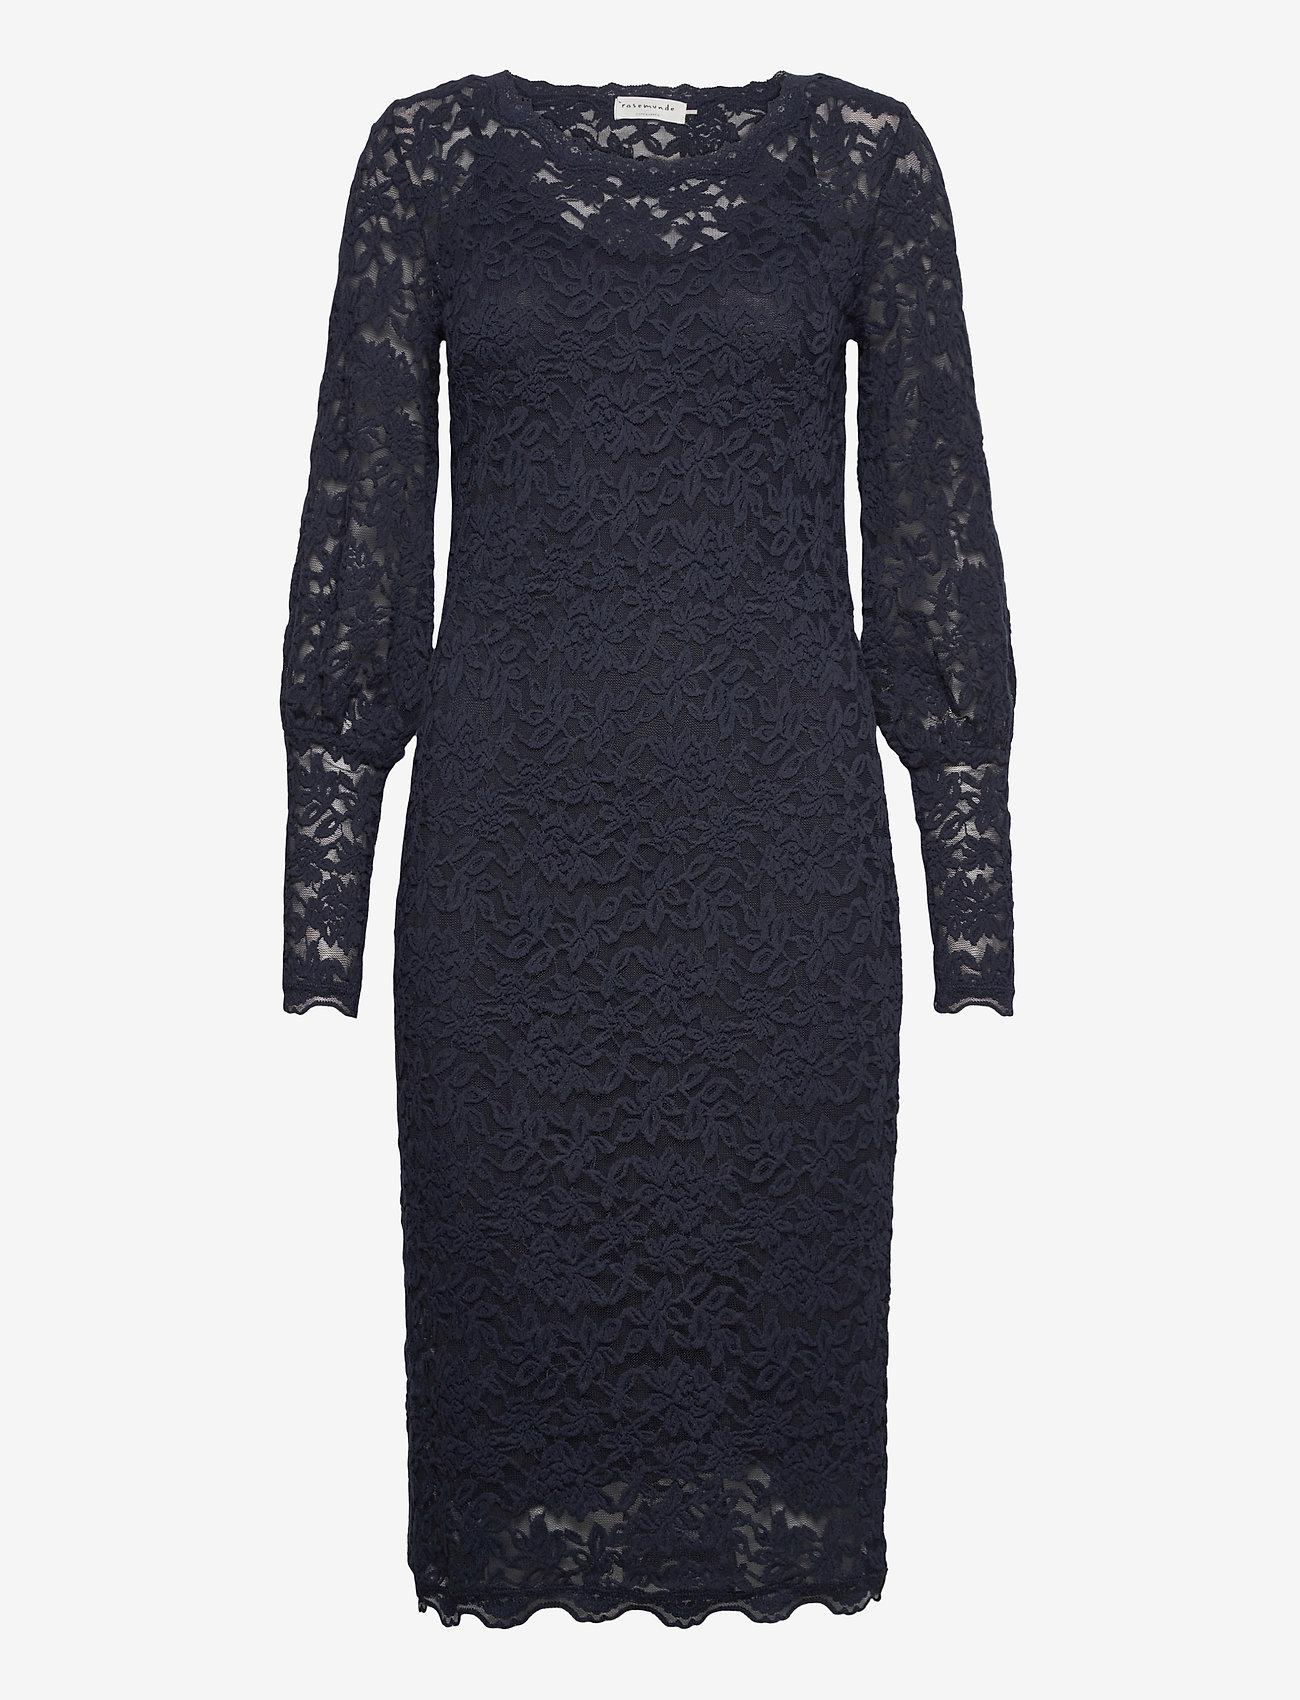 Rosemunde - Dress ls - cocktail-kjoler - blueberry - 0